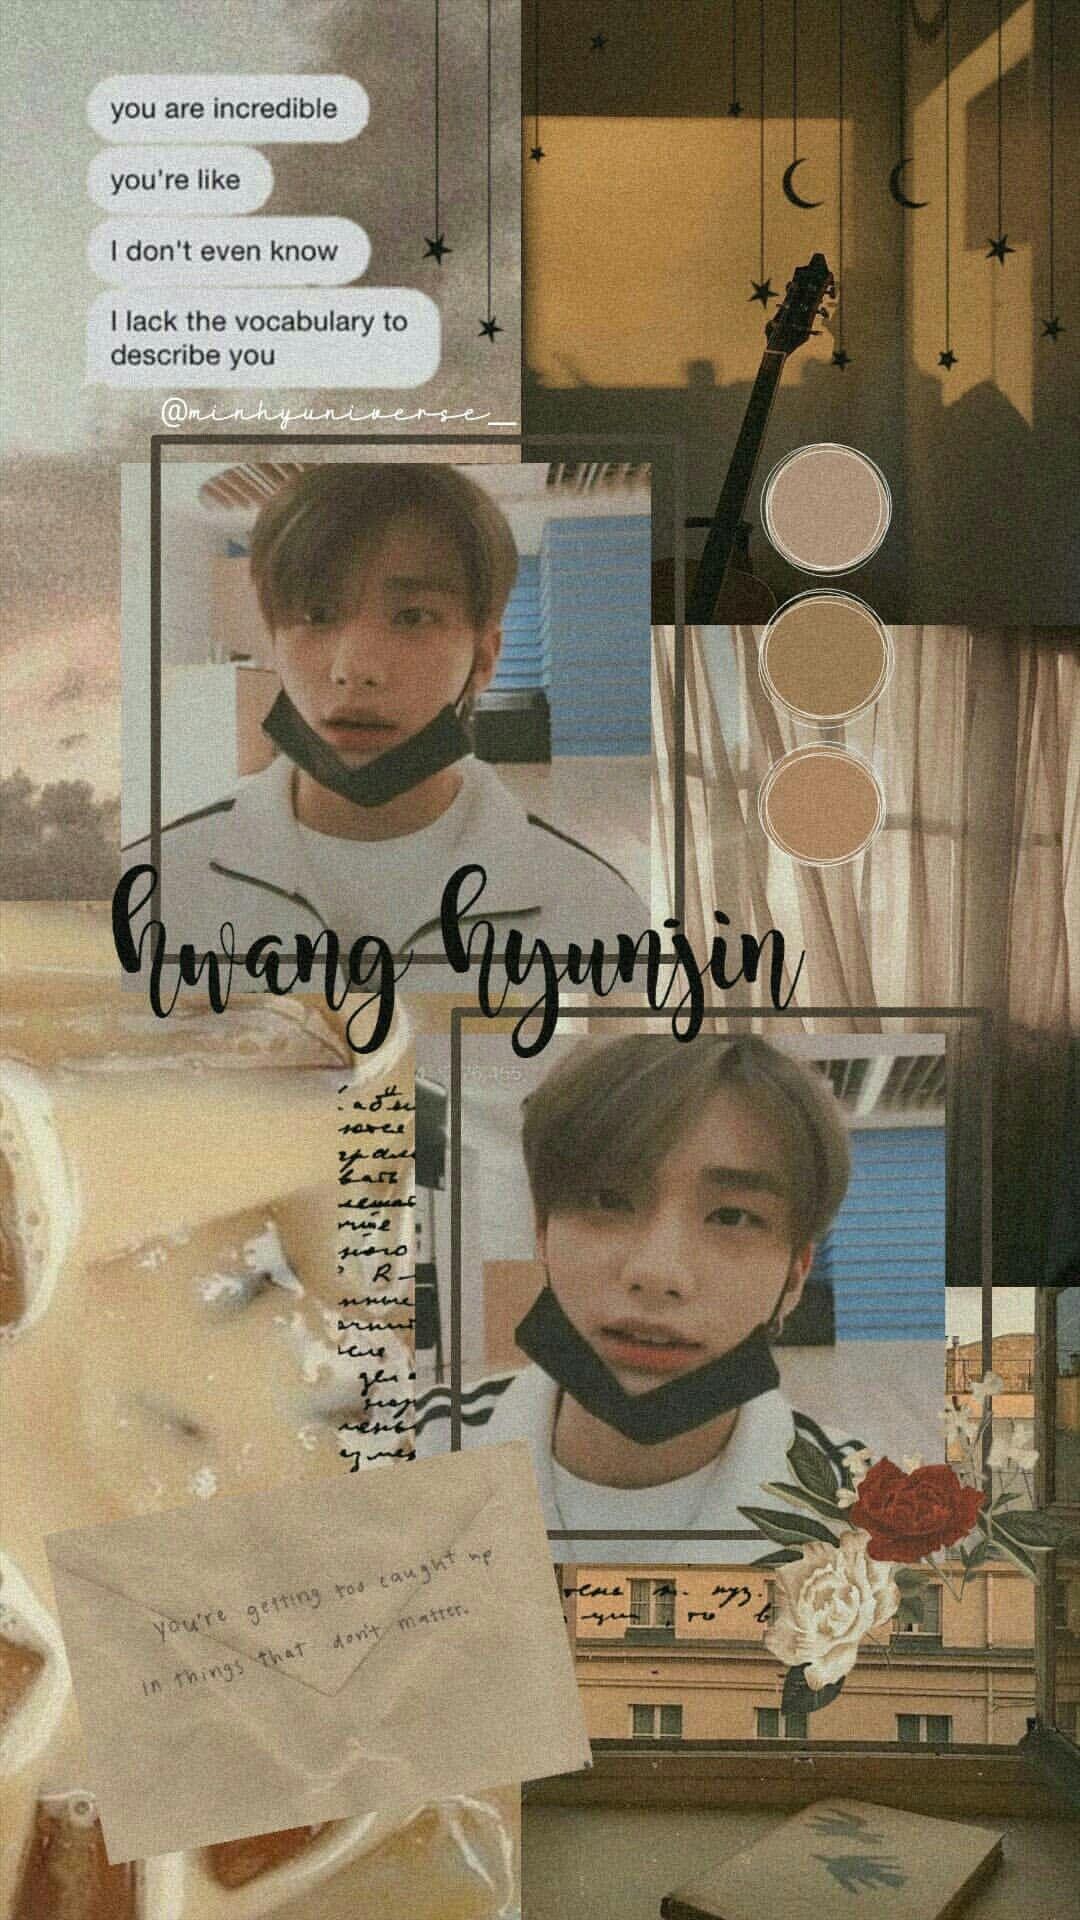 Hyunjin Aesthetic Wallpapers Wallpaper Cave